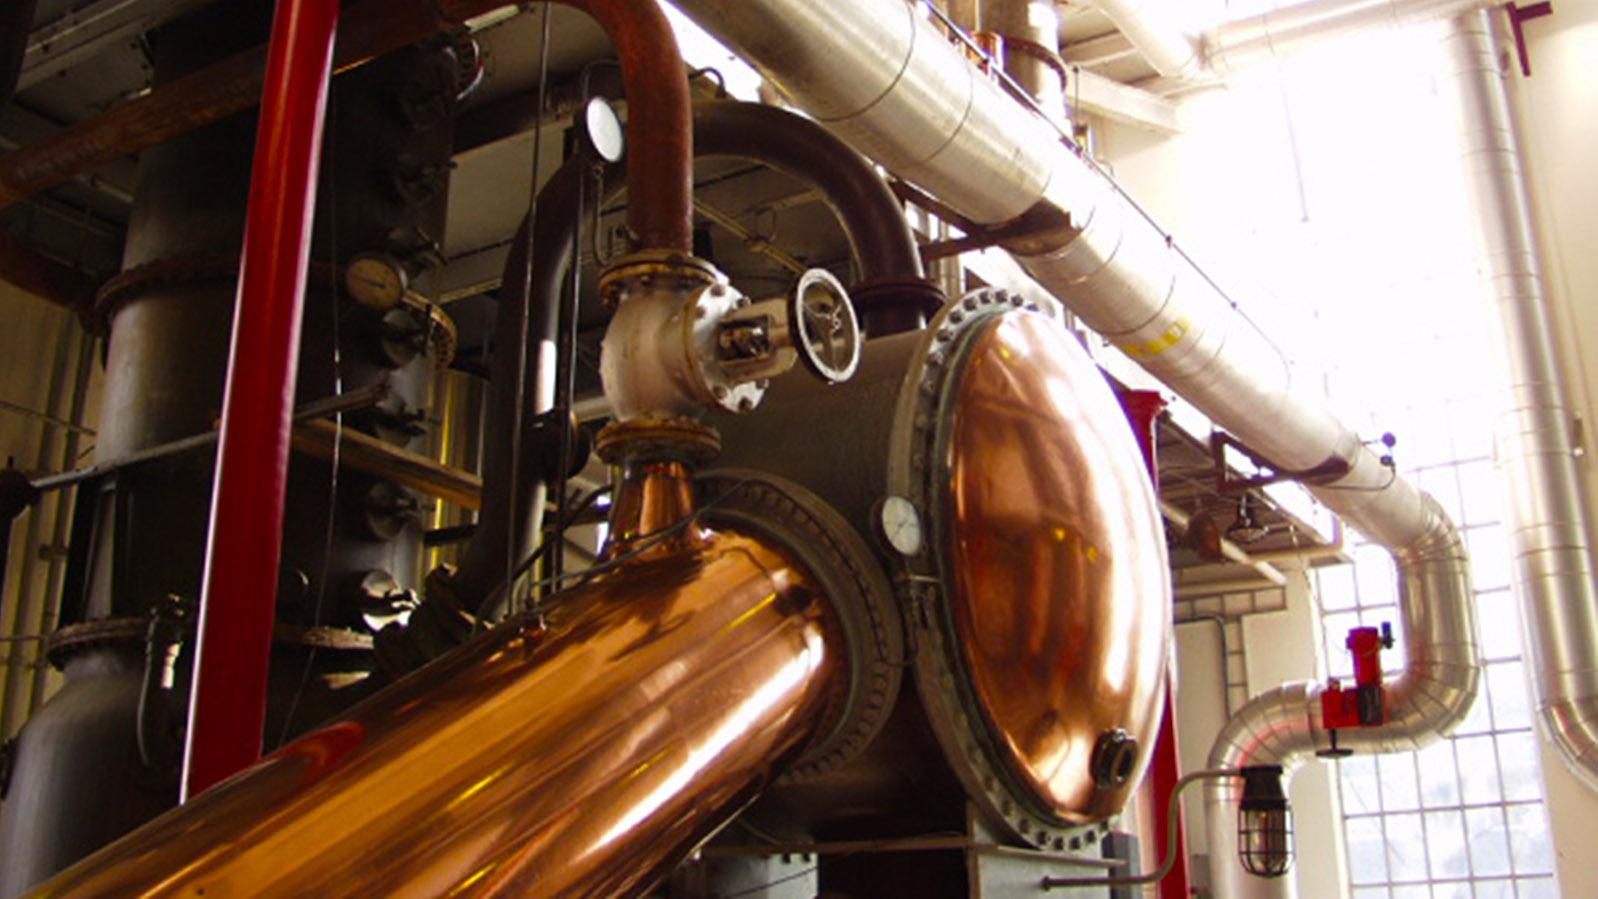 Schnapsroute: Der Destillationsapparat bei Aalborg Akvavit. Foto: Hilke Maunder